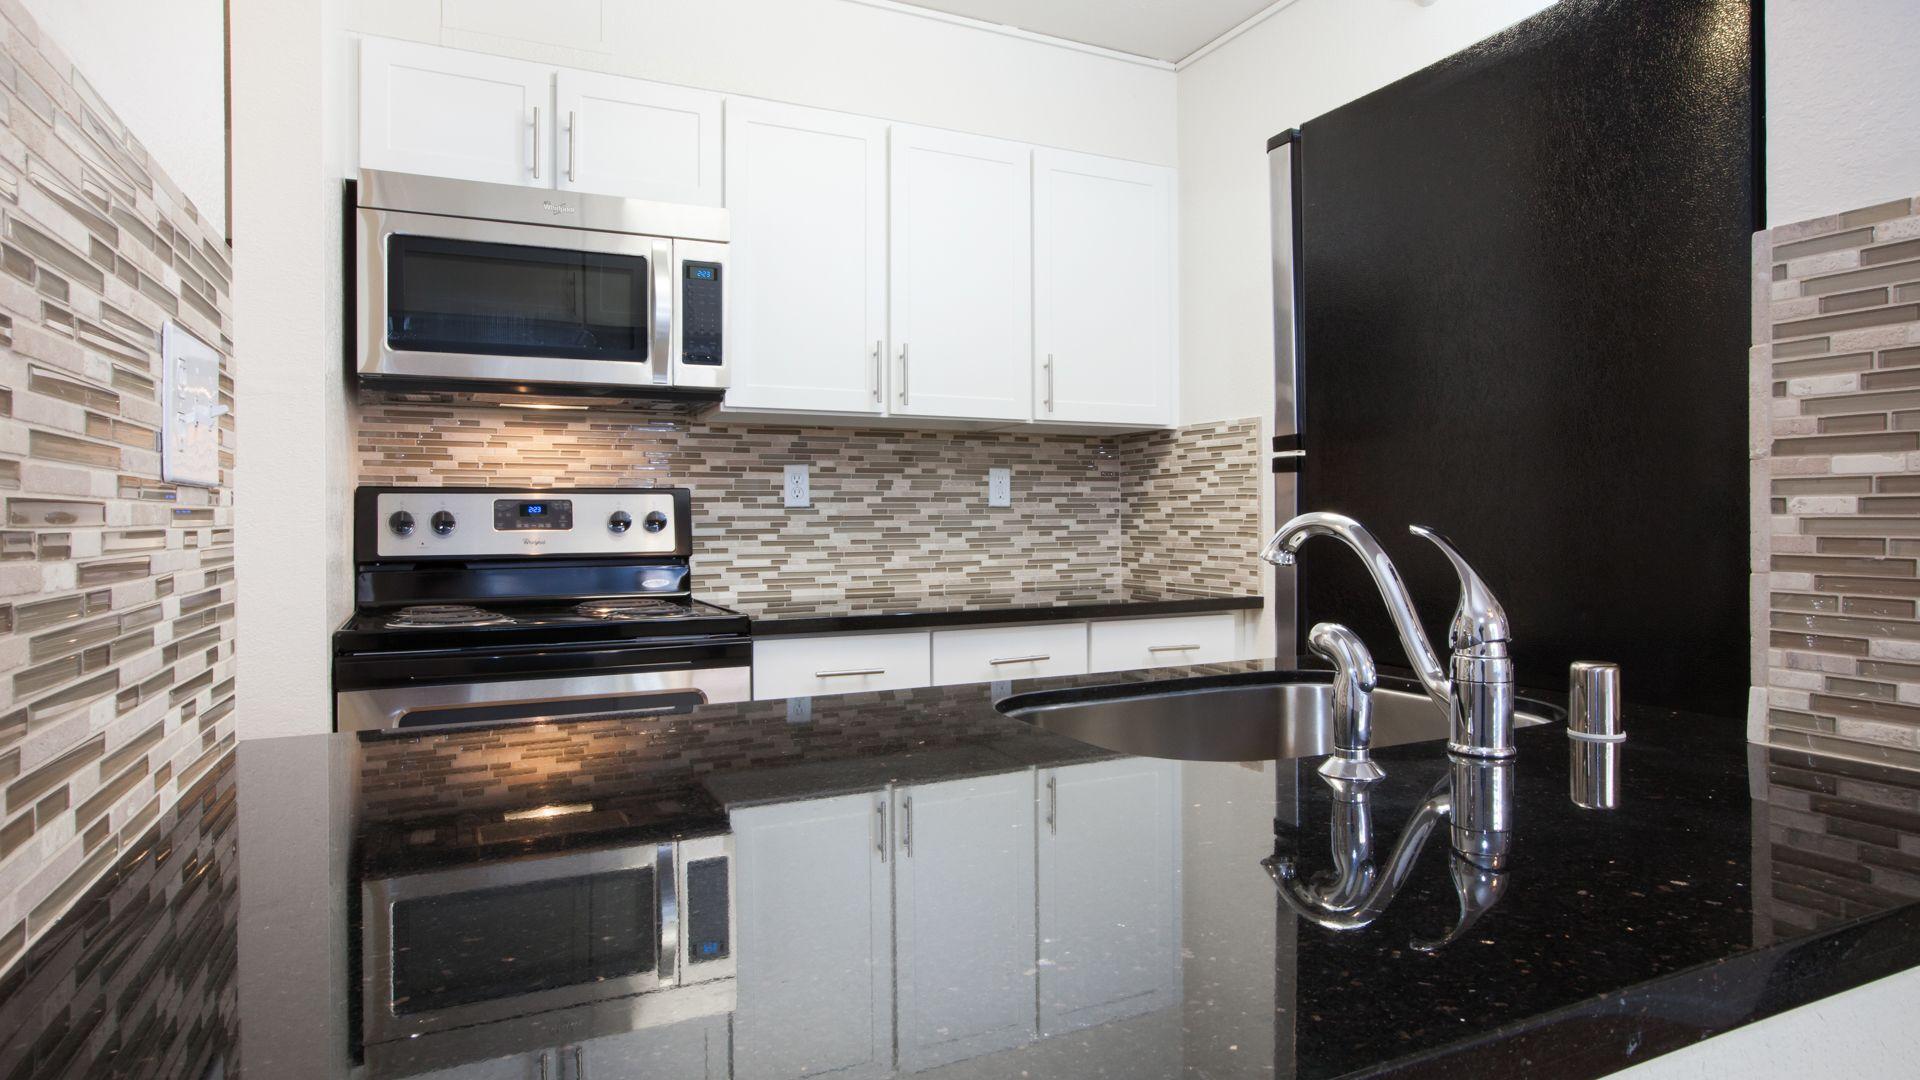 SoMa Square Apartments - Kitchen